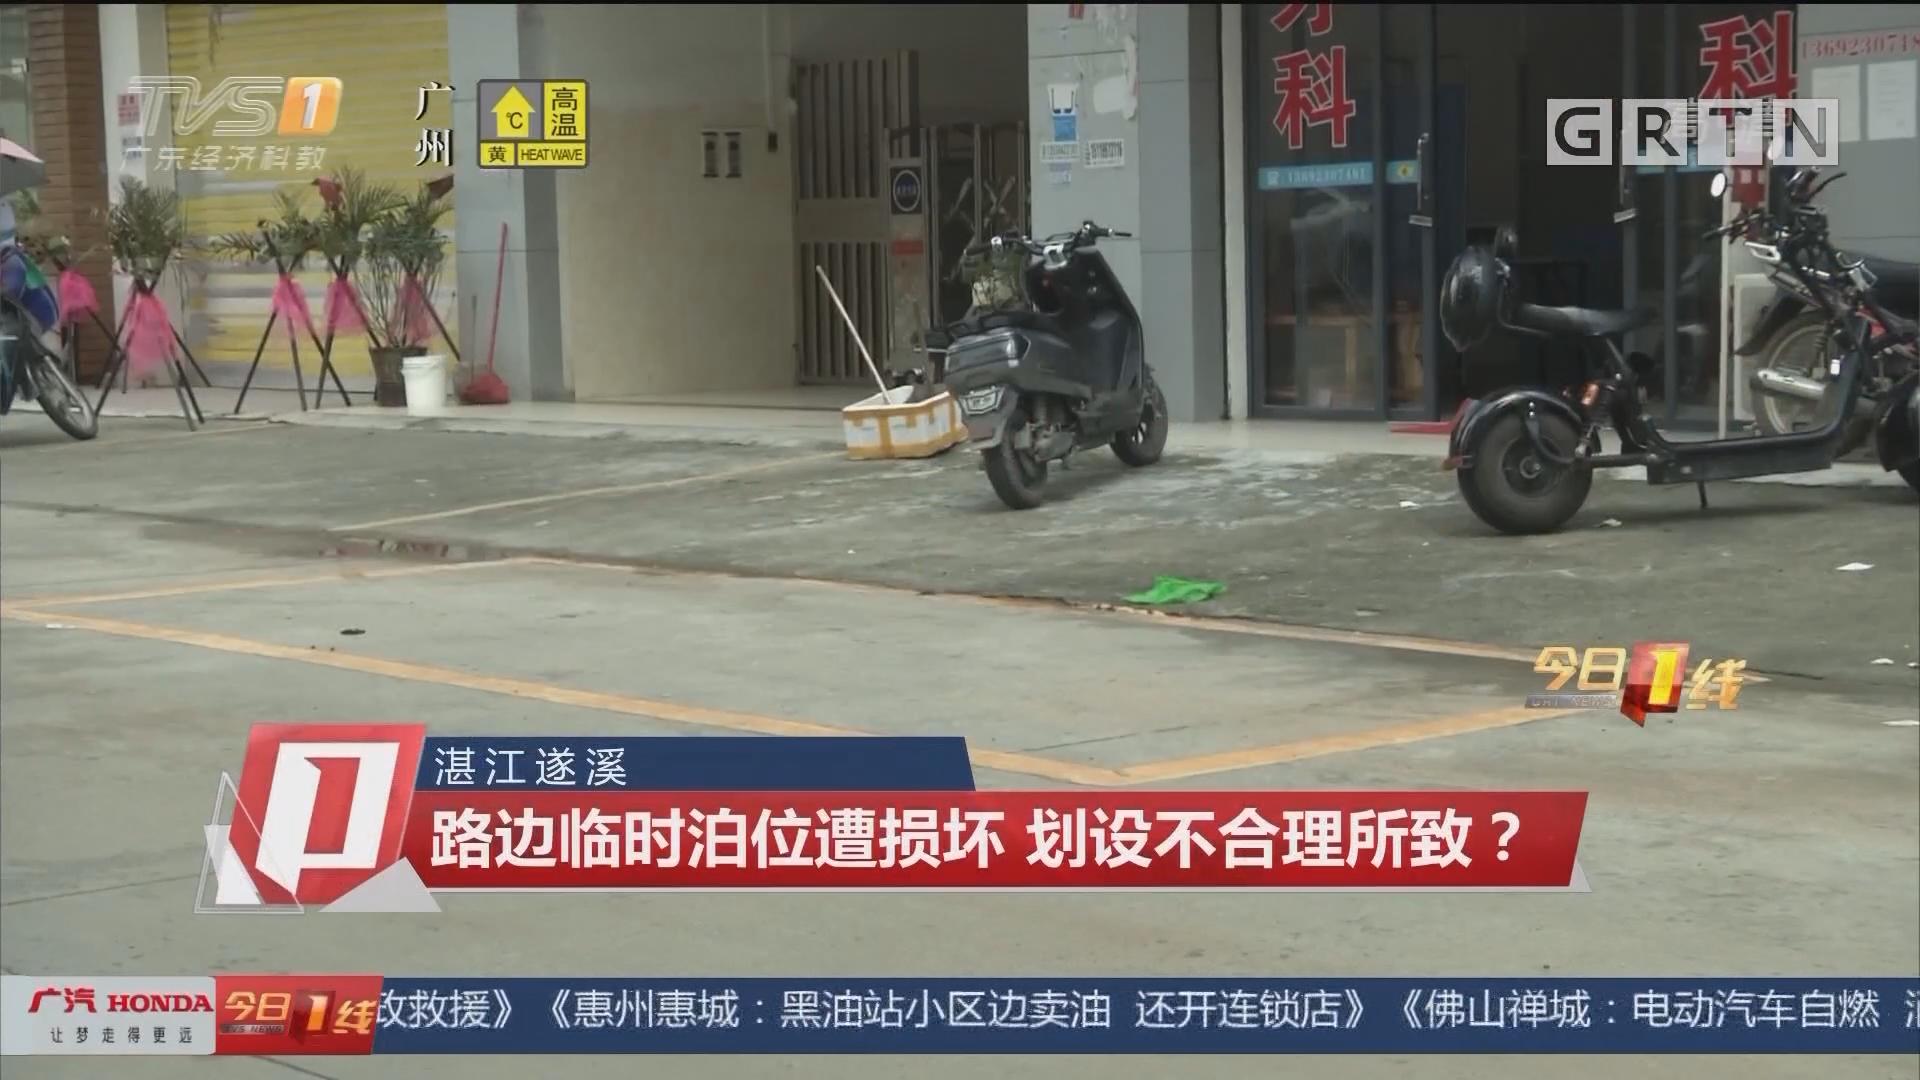 湛江遂溪 路边临时泊位遭损坏 划设不合理所致?